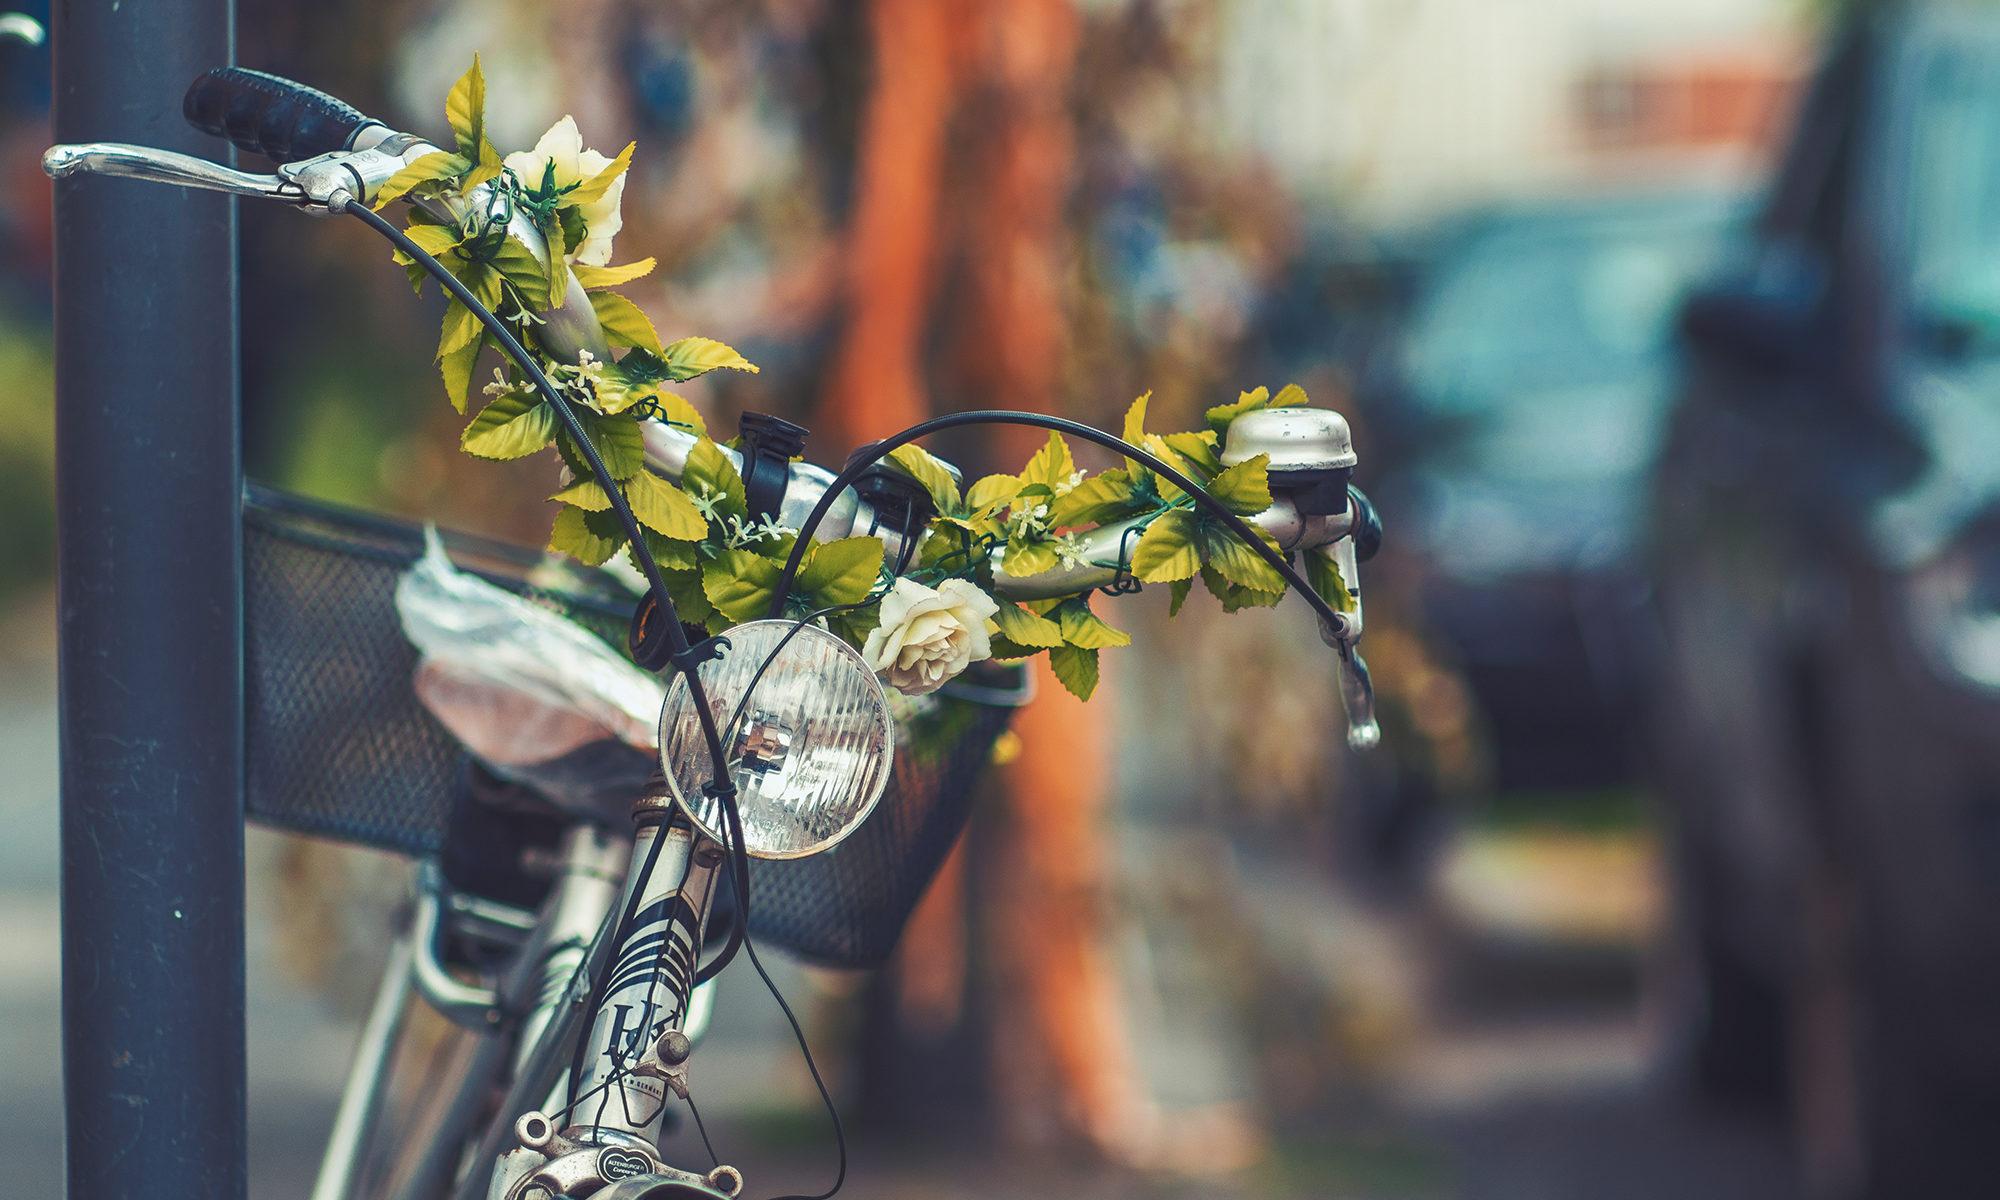 vélo électrique vintage discrétion